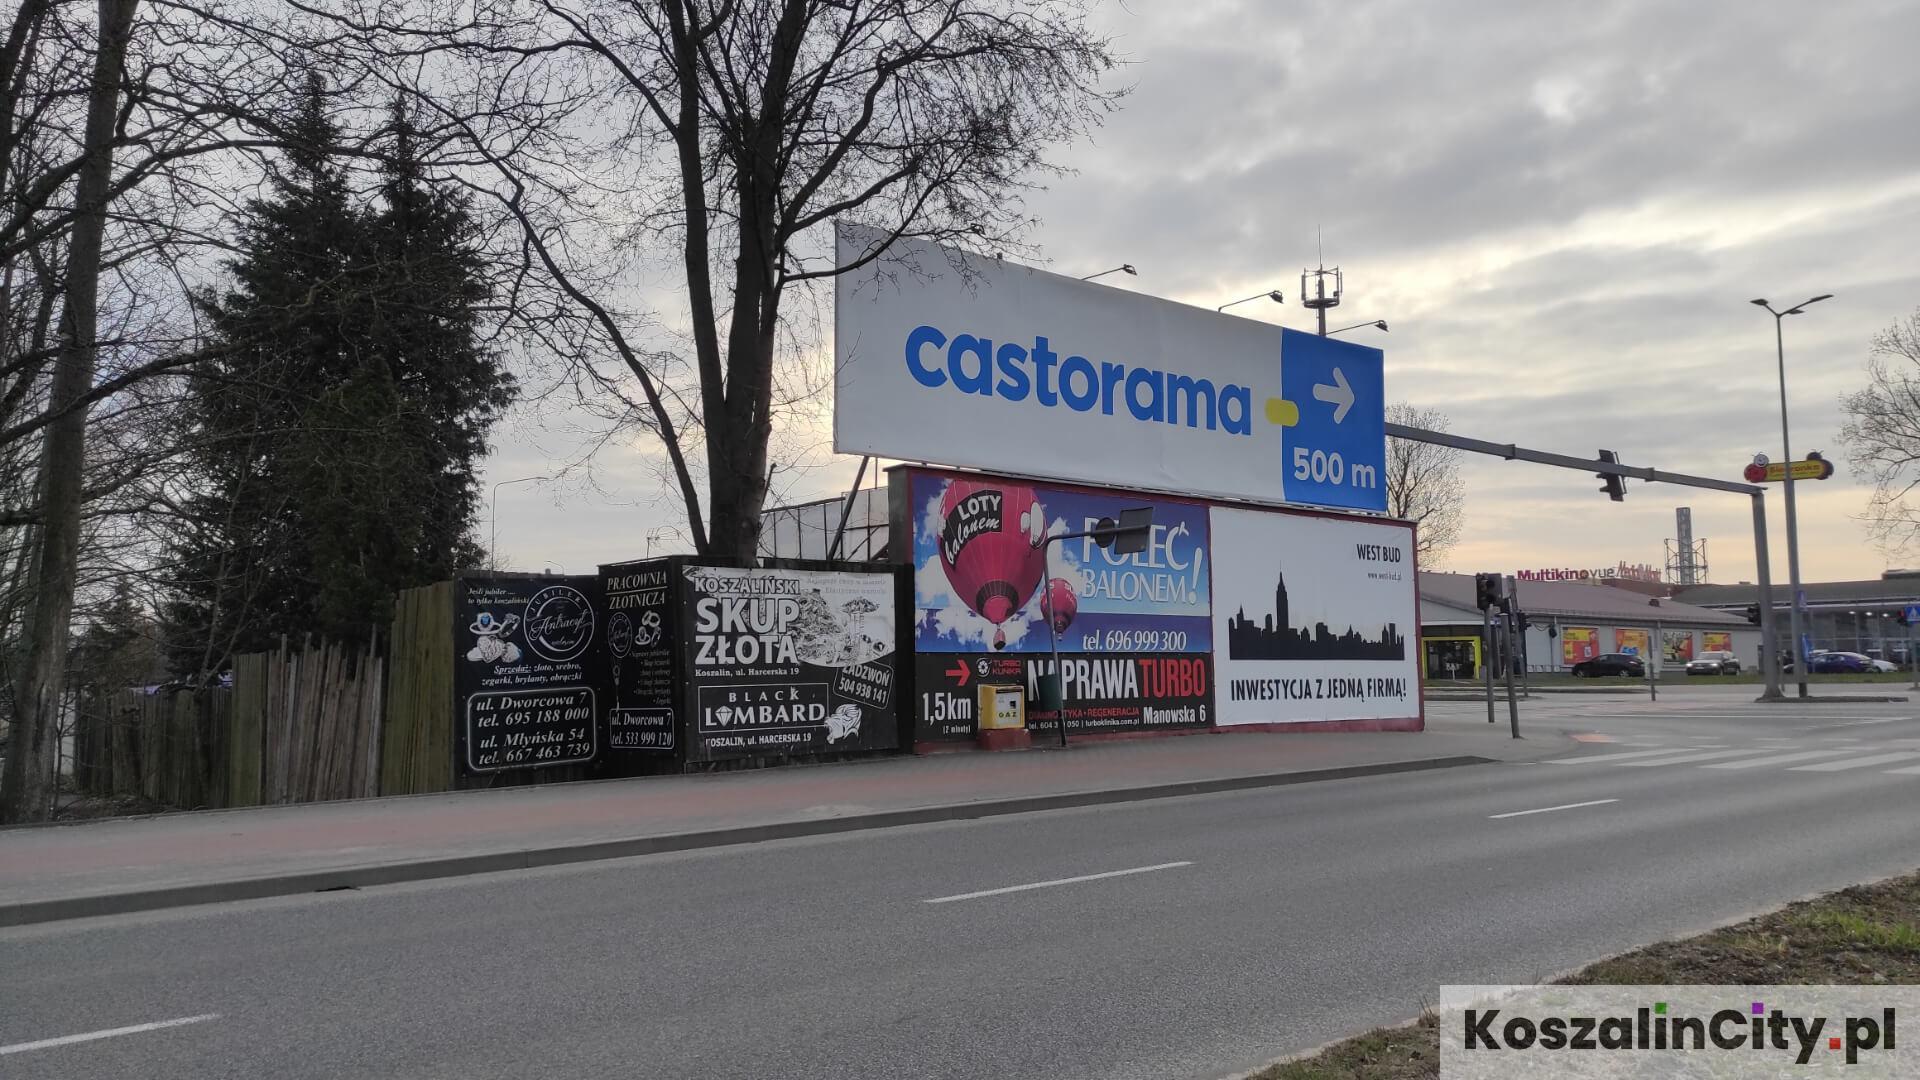 Reklamy przy ul. Gnieźnieńskiej w Koszalinie